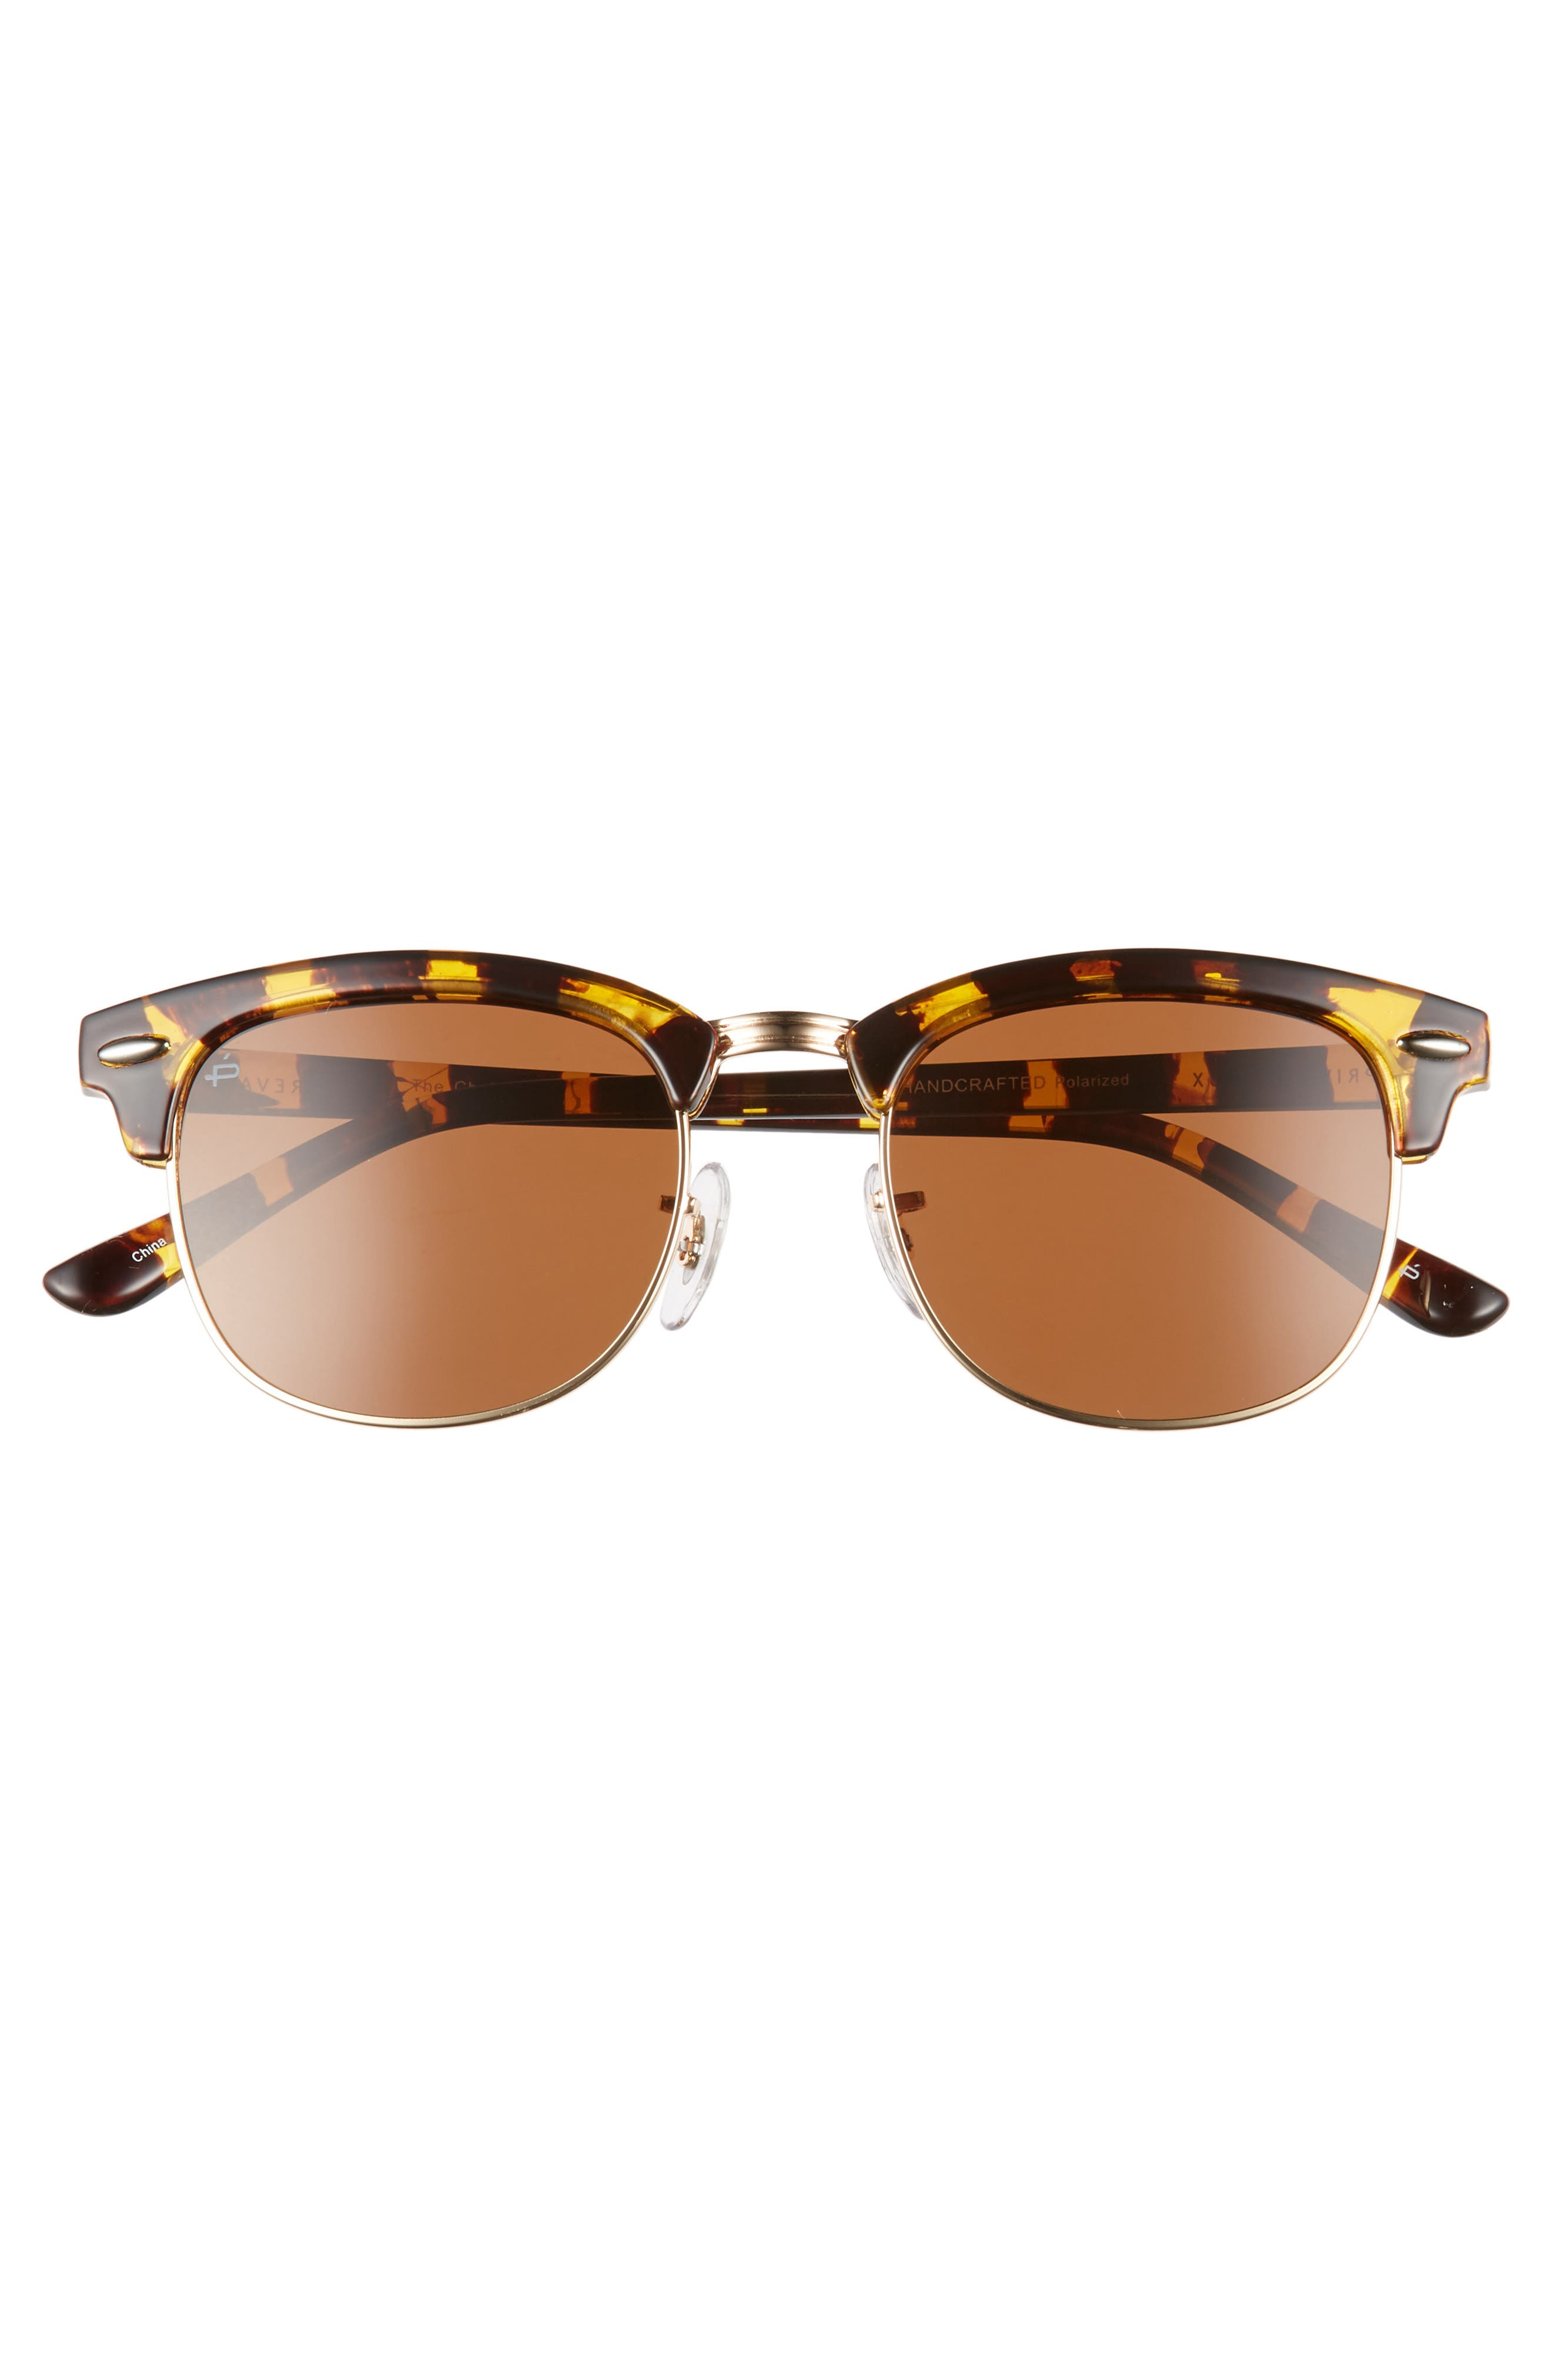 Privé Revaux The Chairman 52mm Polarized Browline Sunglasses,                             Alternate thumbnail 2, color,                             Tortoise